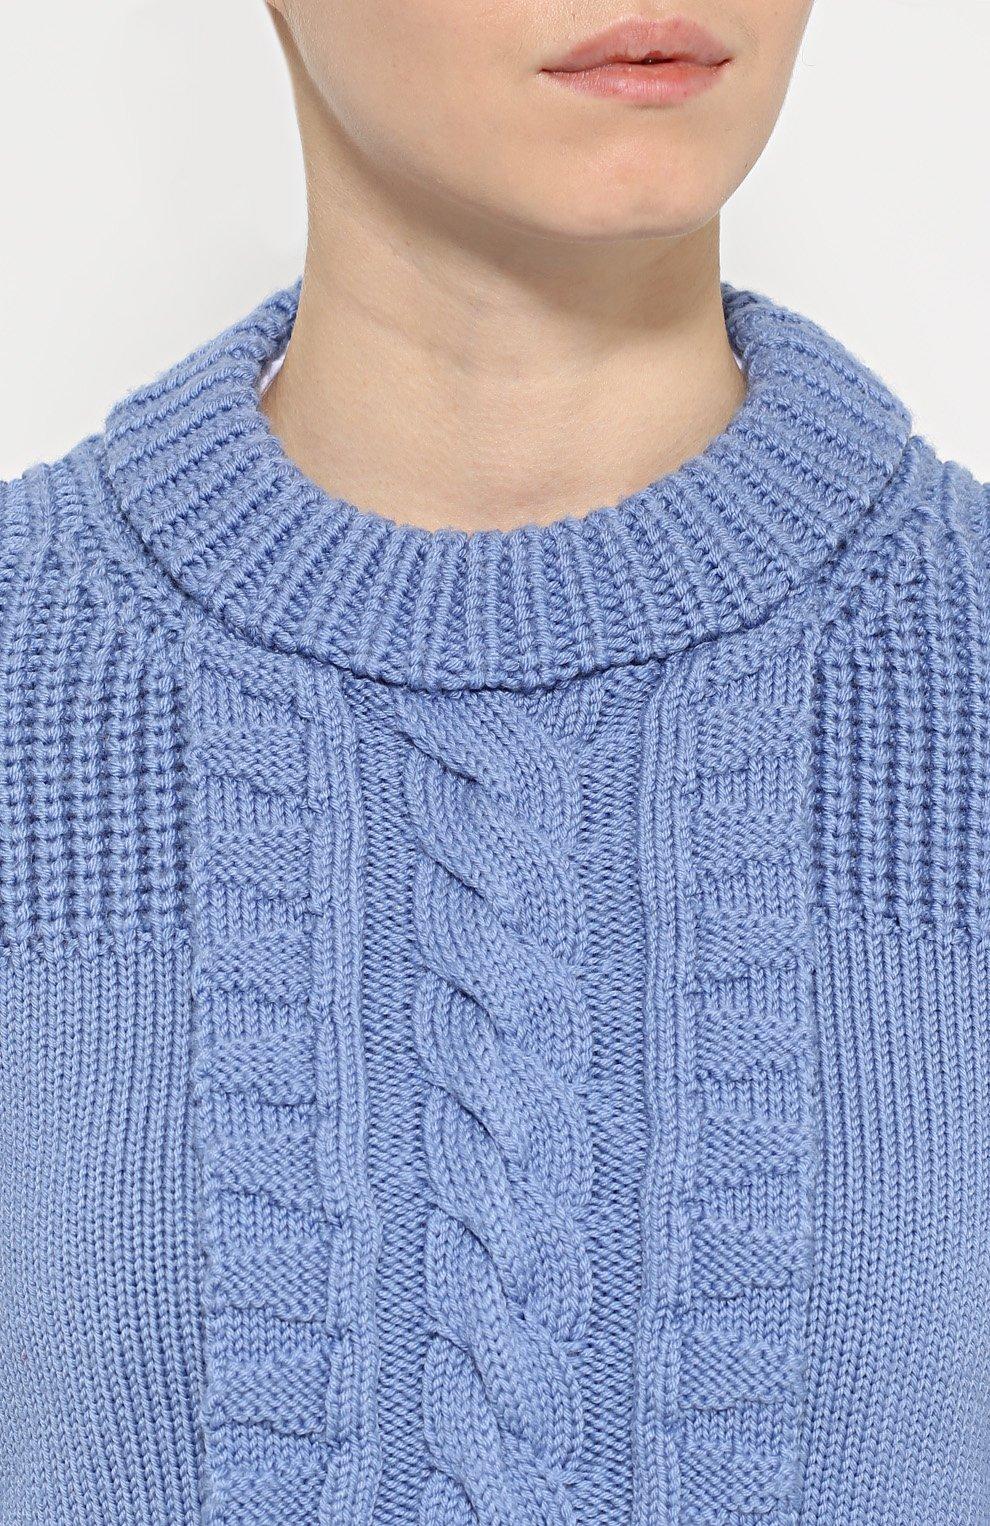 Женский пуловер английской резинкой с доставкой